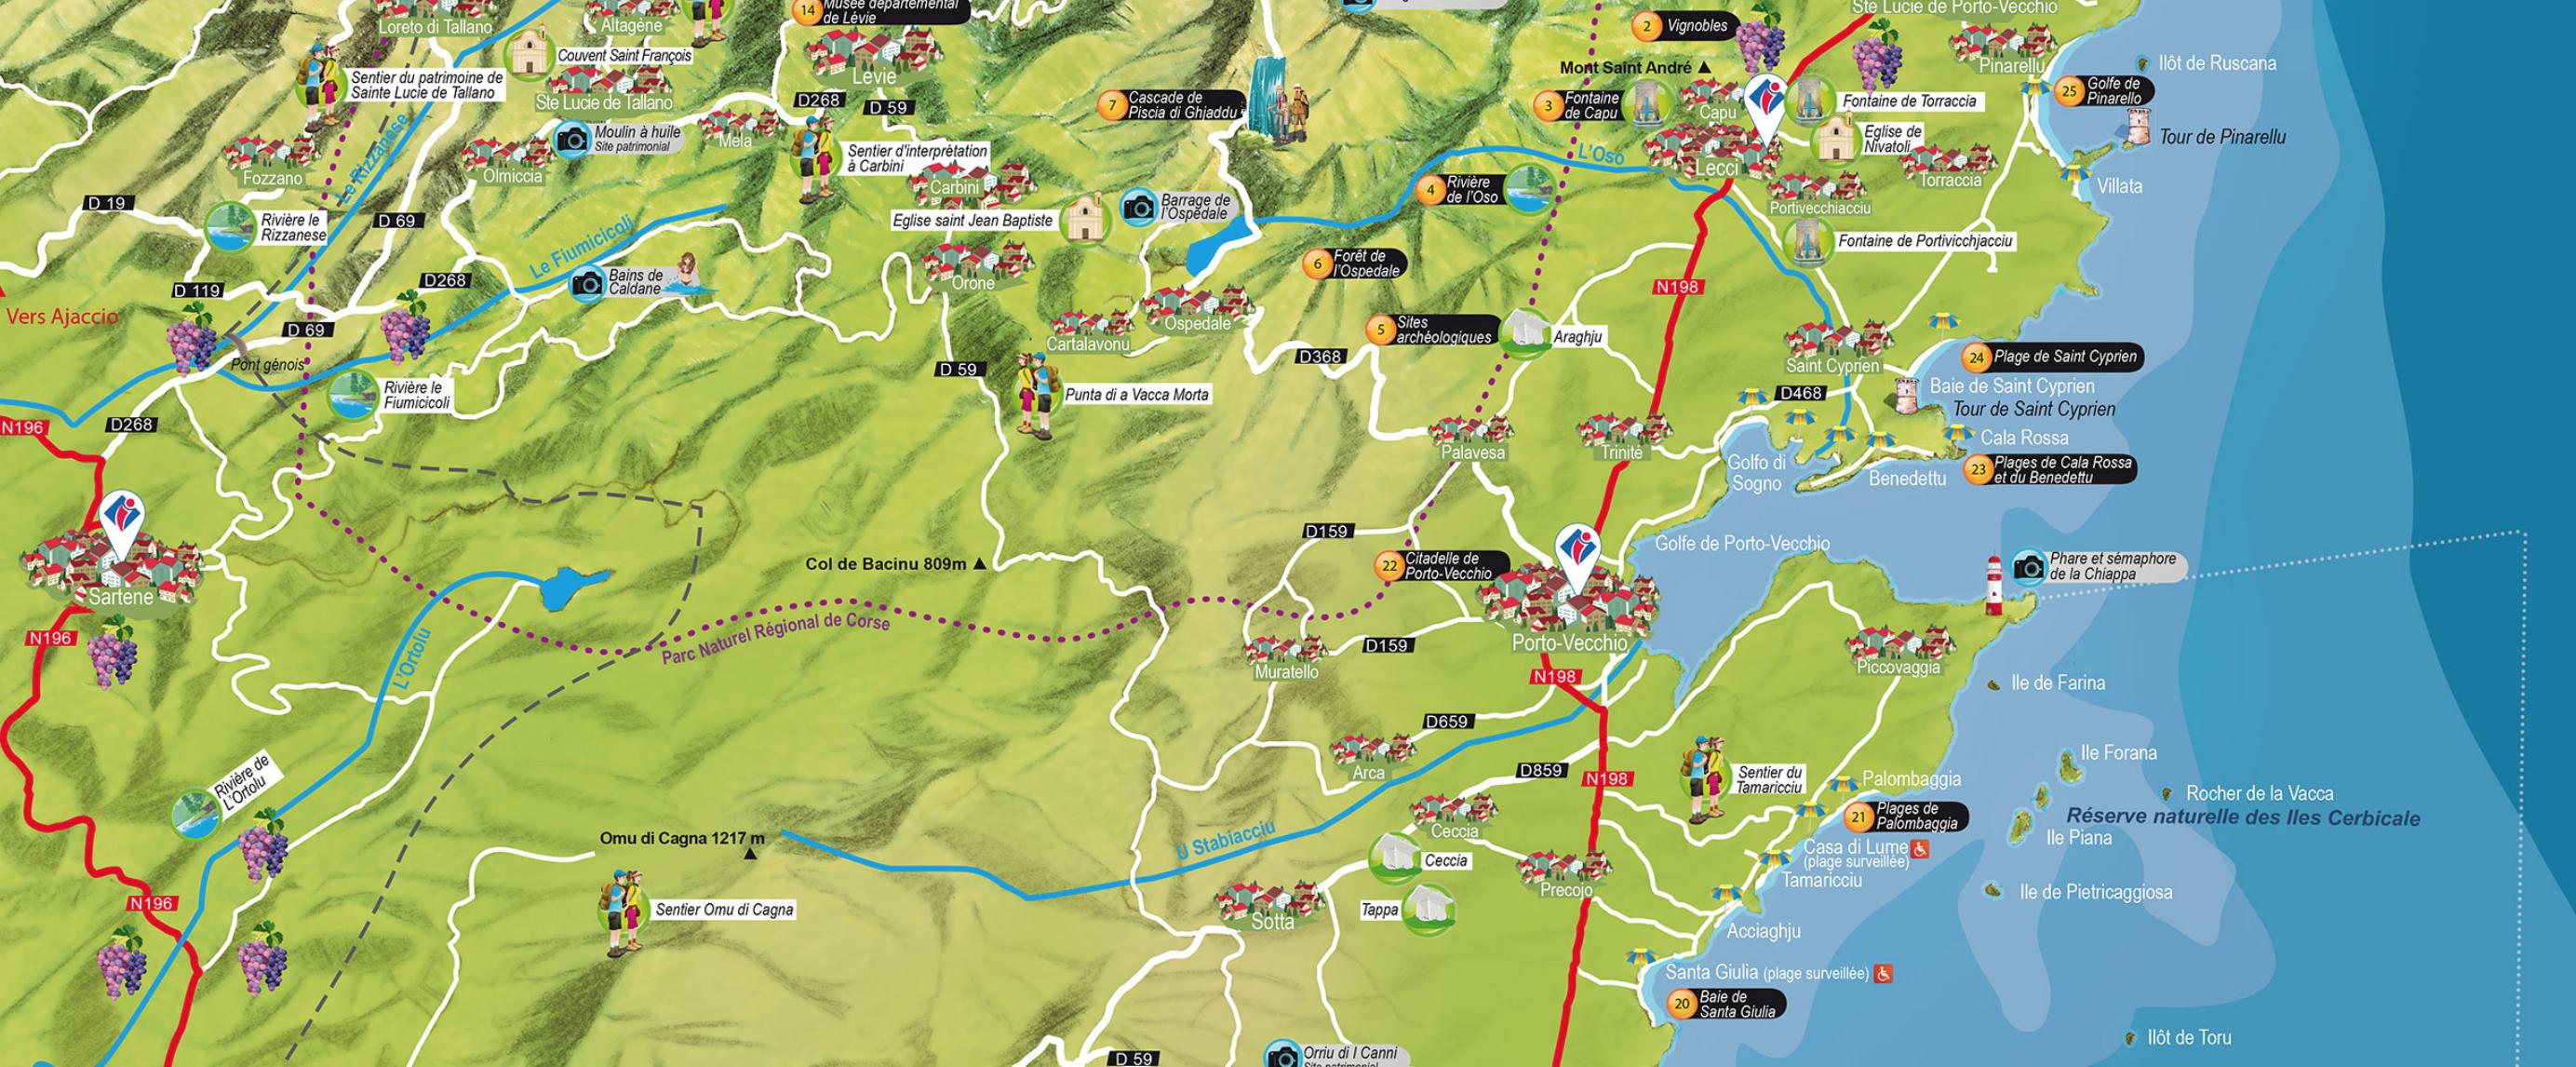 Carte Touristique du Sud Corse